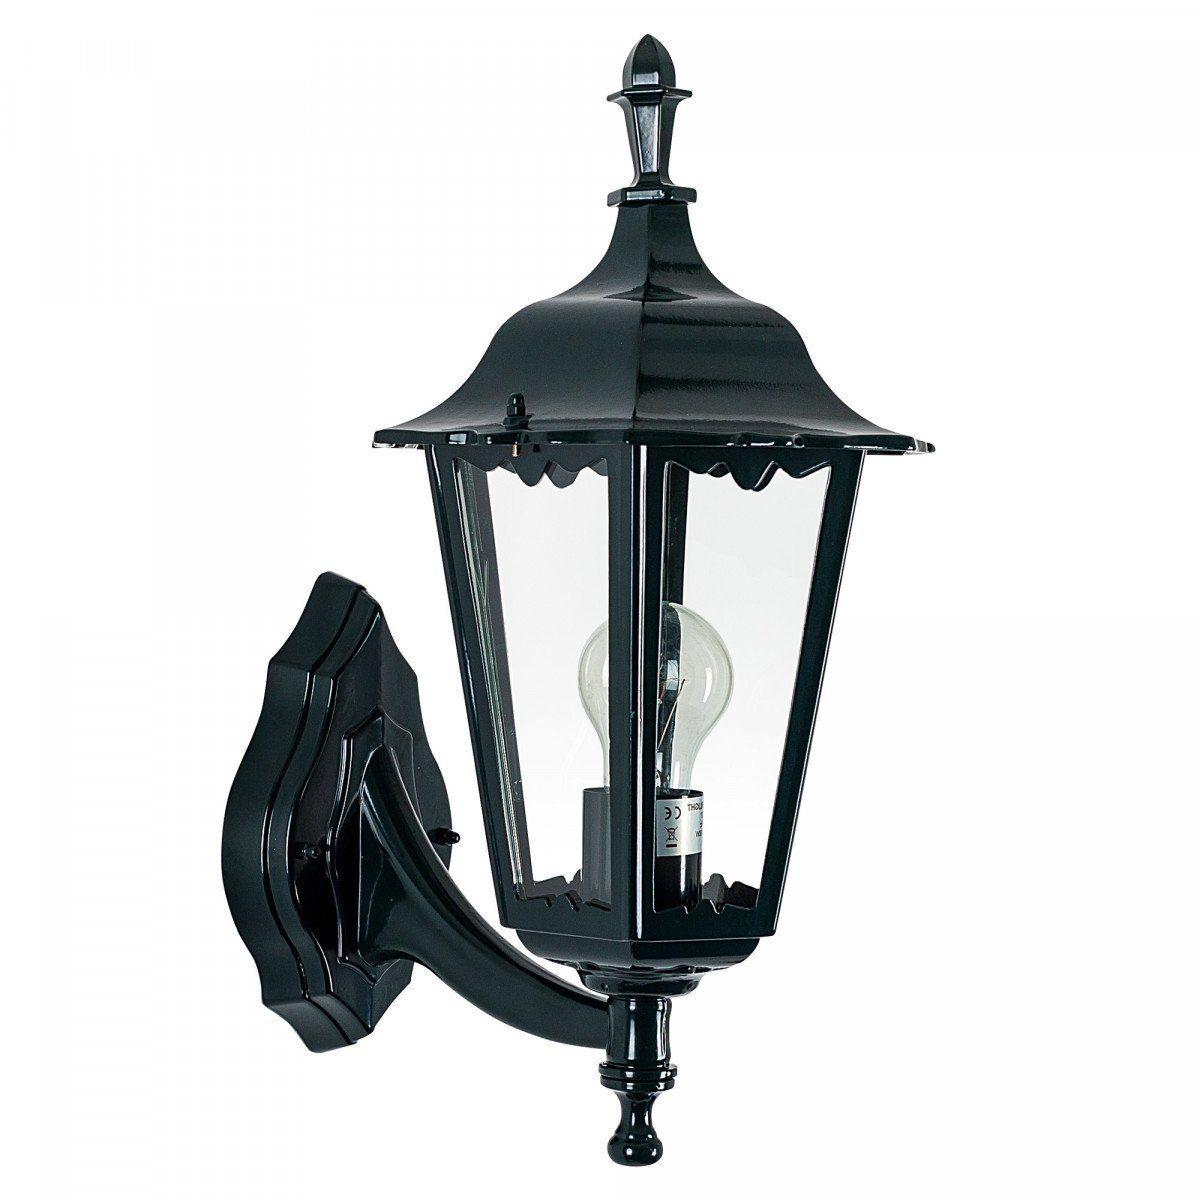 KS Verlichting staand buiten wandlamp Ancona - groen/zwart